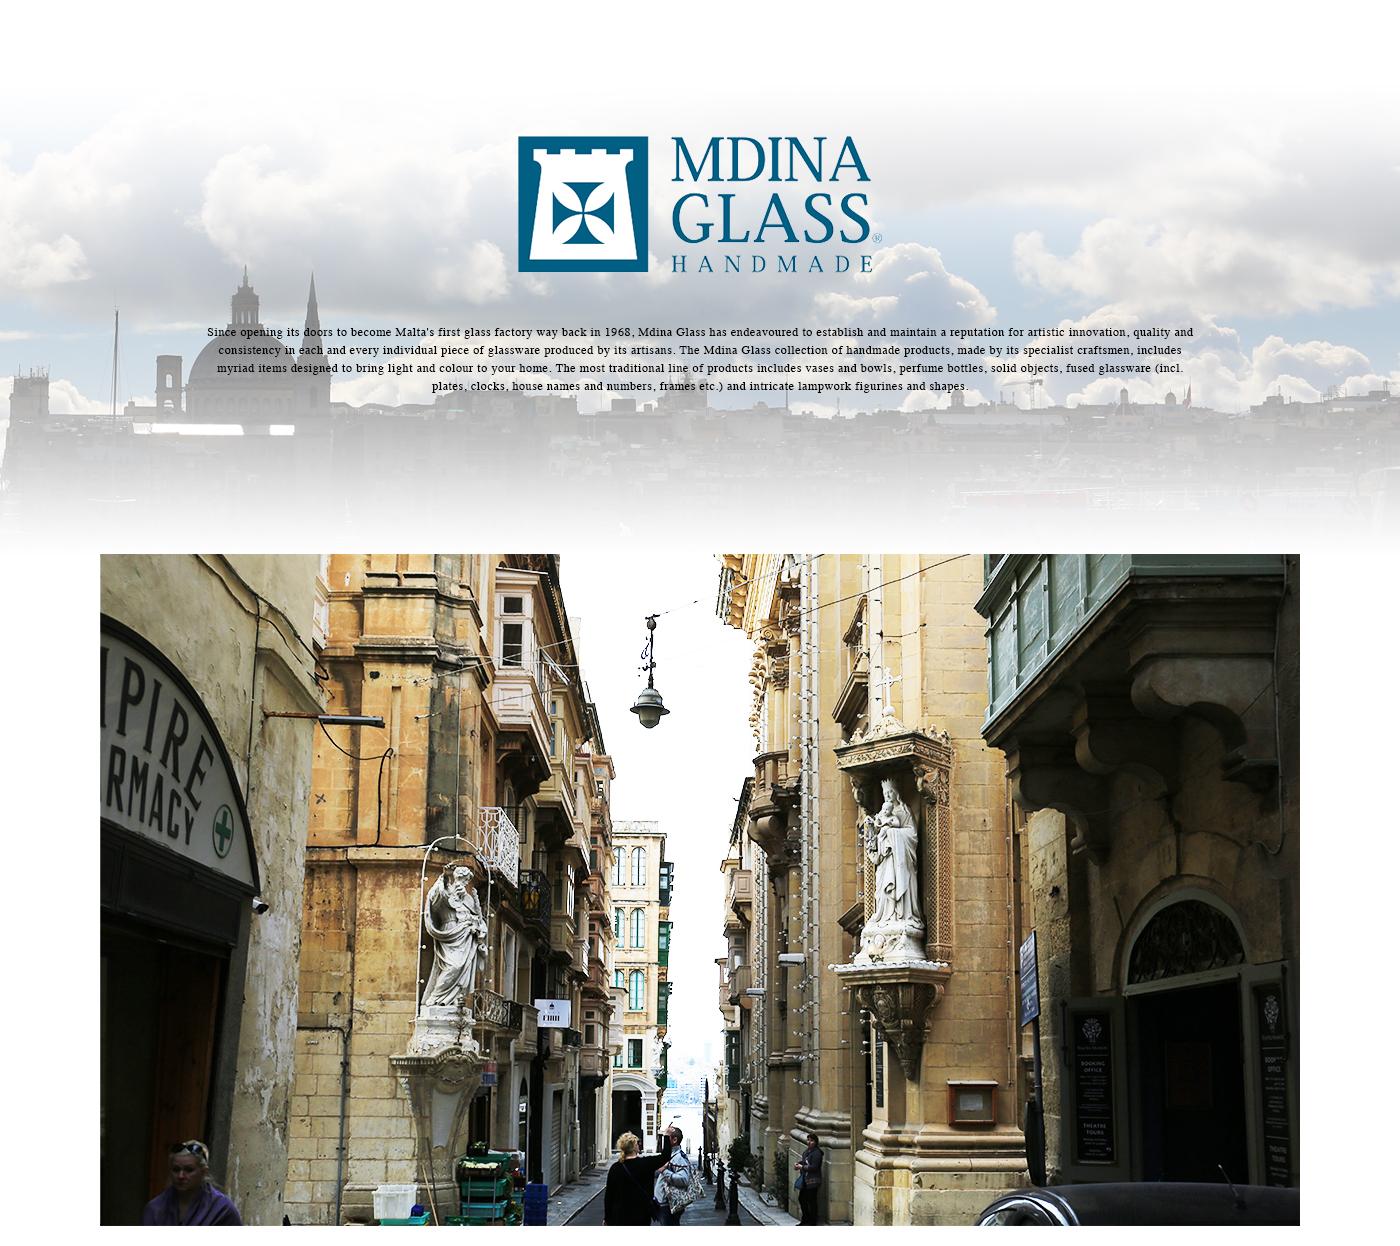 〜『静寂の町』〜4000年以上前の起源に遡り、かつては首都だった素晴らしい古代城壁に囲まれた城塞都市。<br>時間を超越した雰囲気と文化的で宗教的雰囲気が魅力です。そして、このイムディーナで作られ愛されている象徴がMdina Glassです。